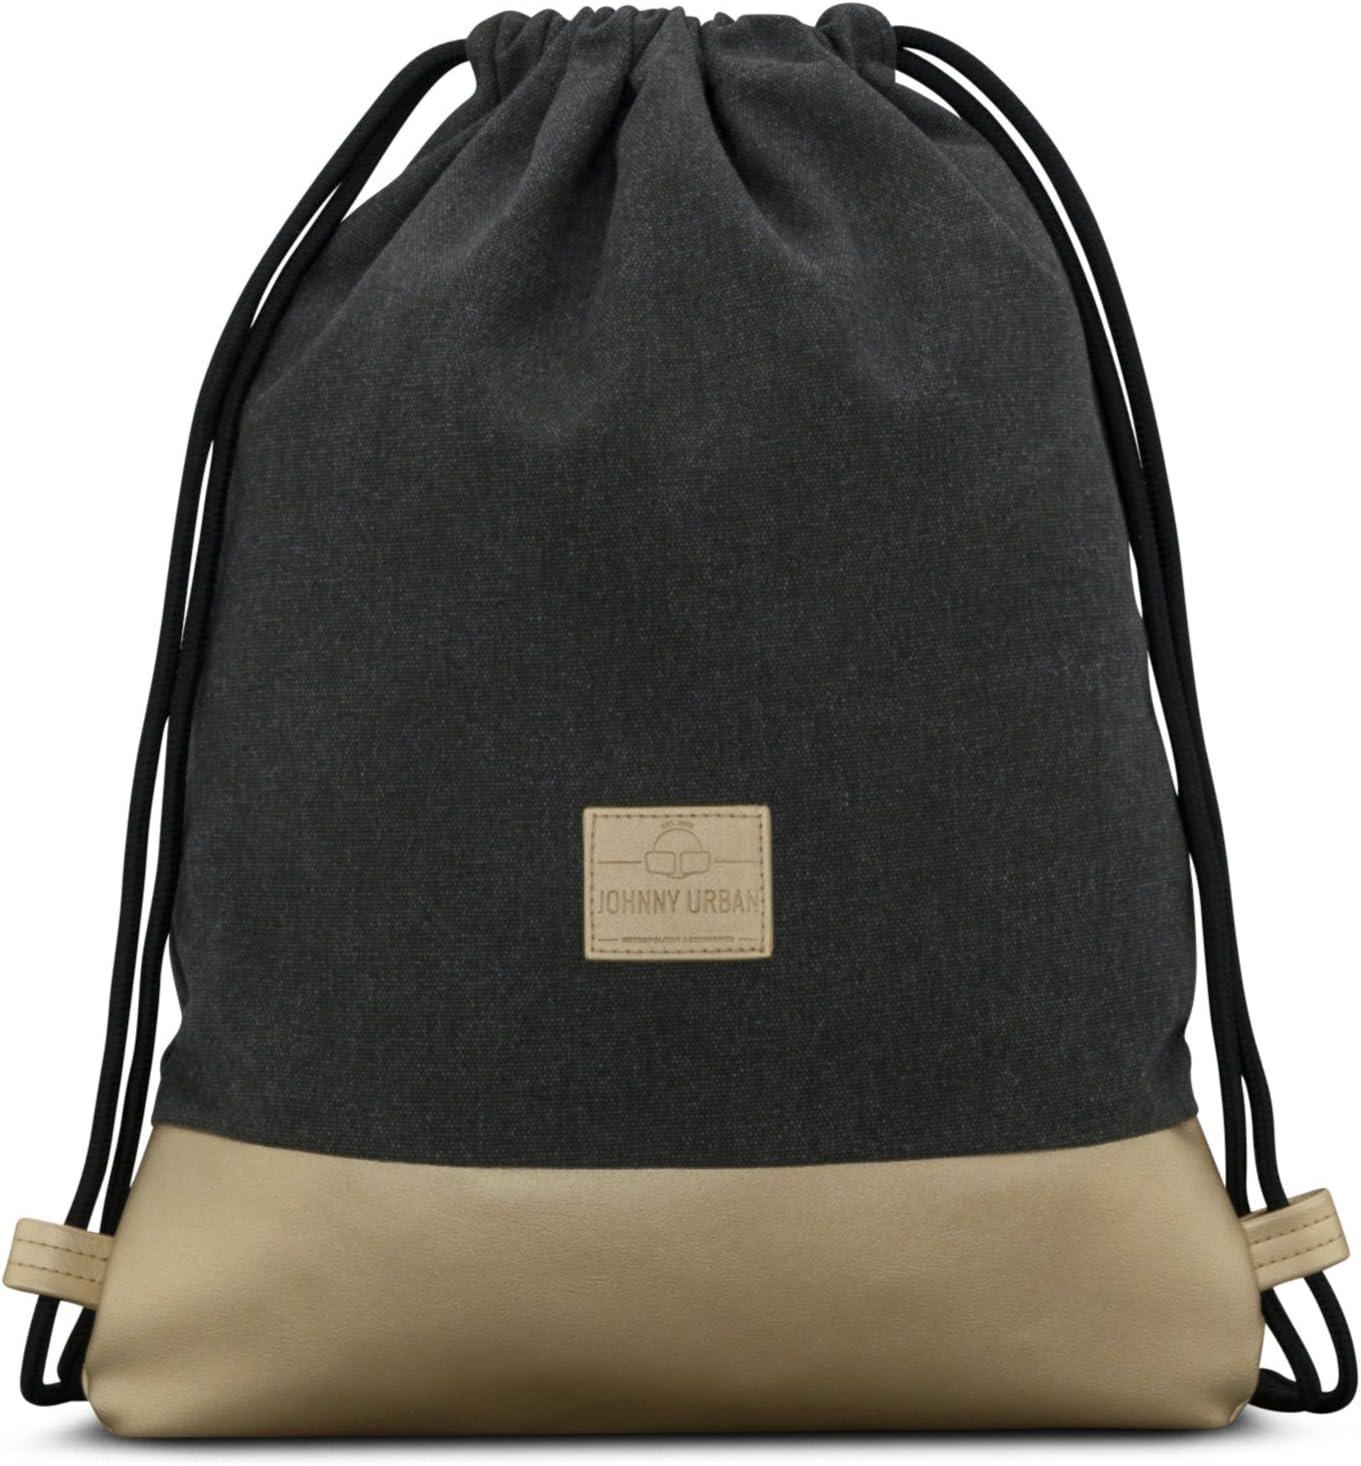 Johnny Urban Drawstring Bag Anthracite//Gold Gymsack Gym Sack Men /& Women